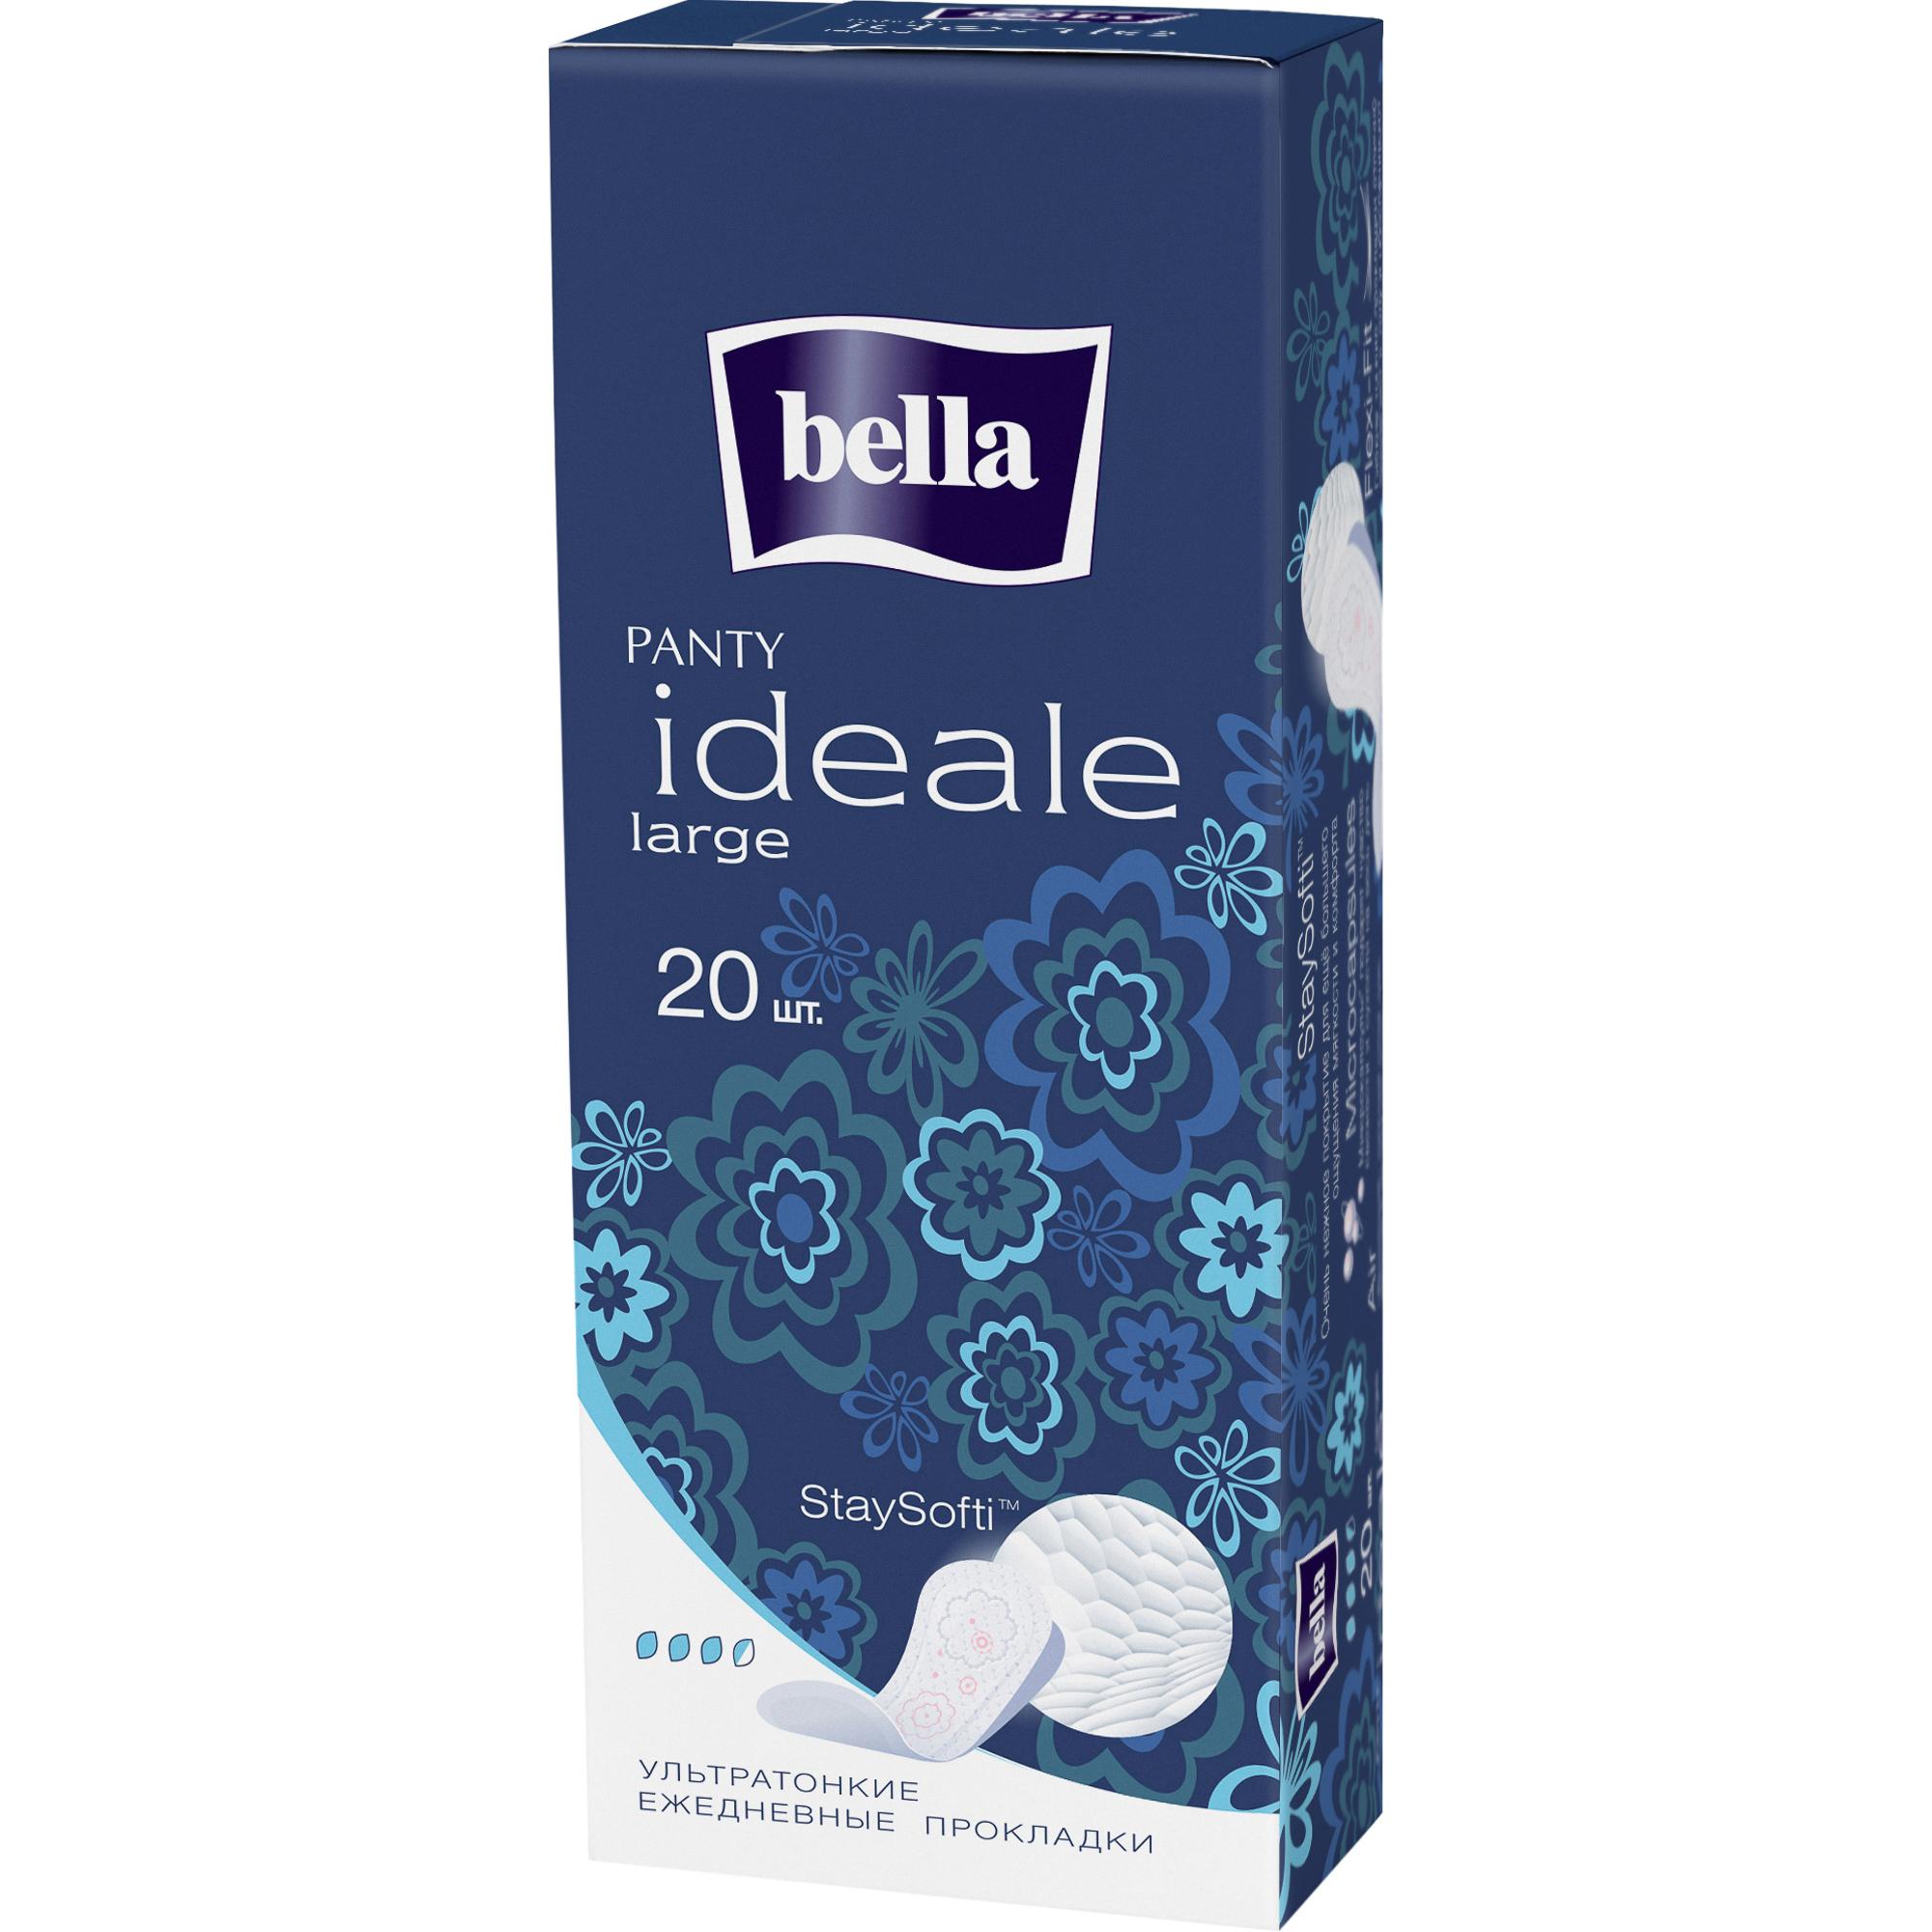 Прокладки Bella Panty Ideale Large 20 шт.